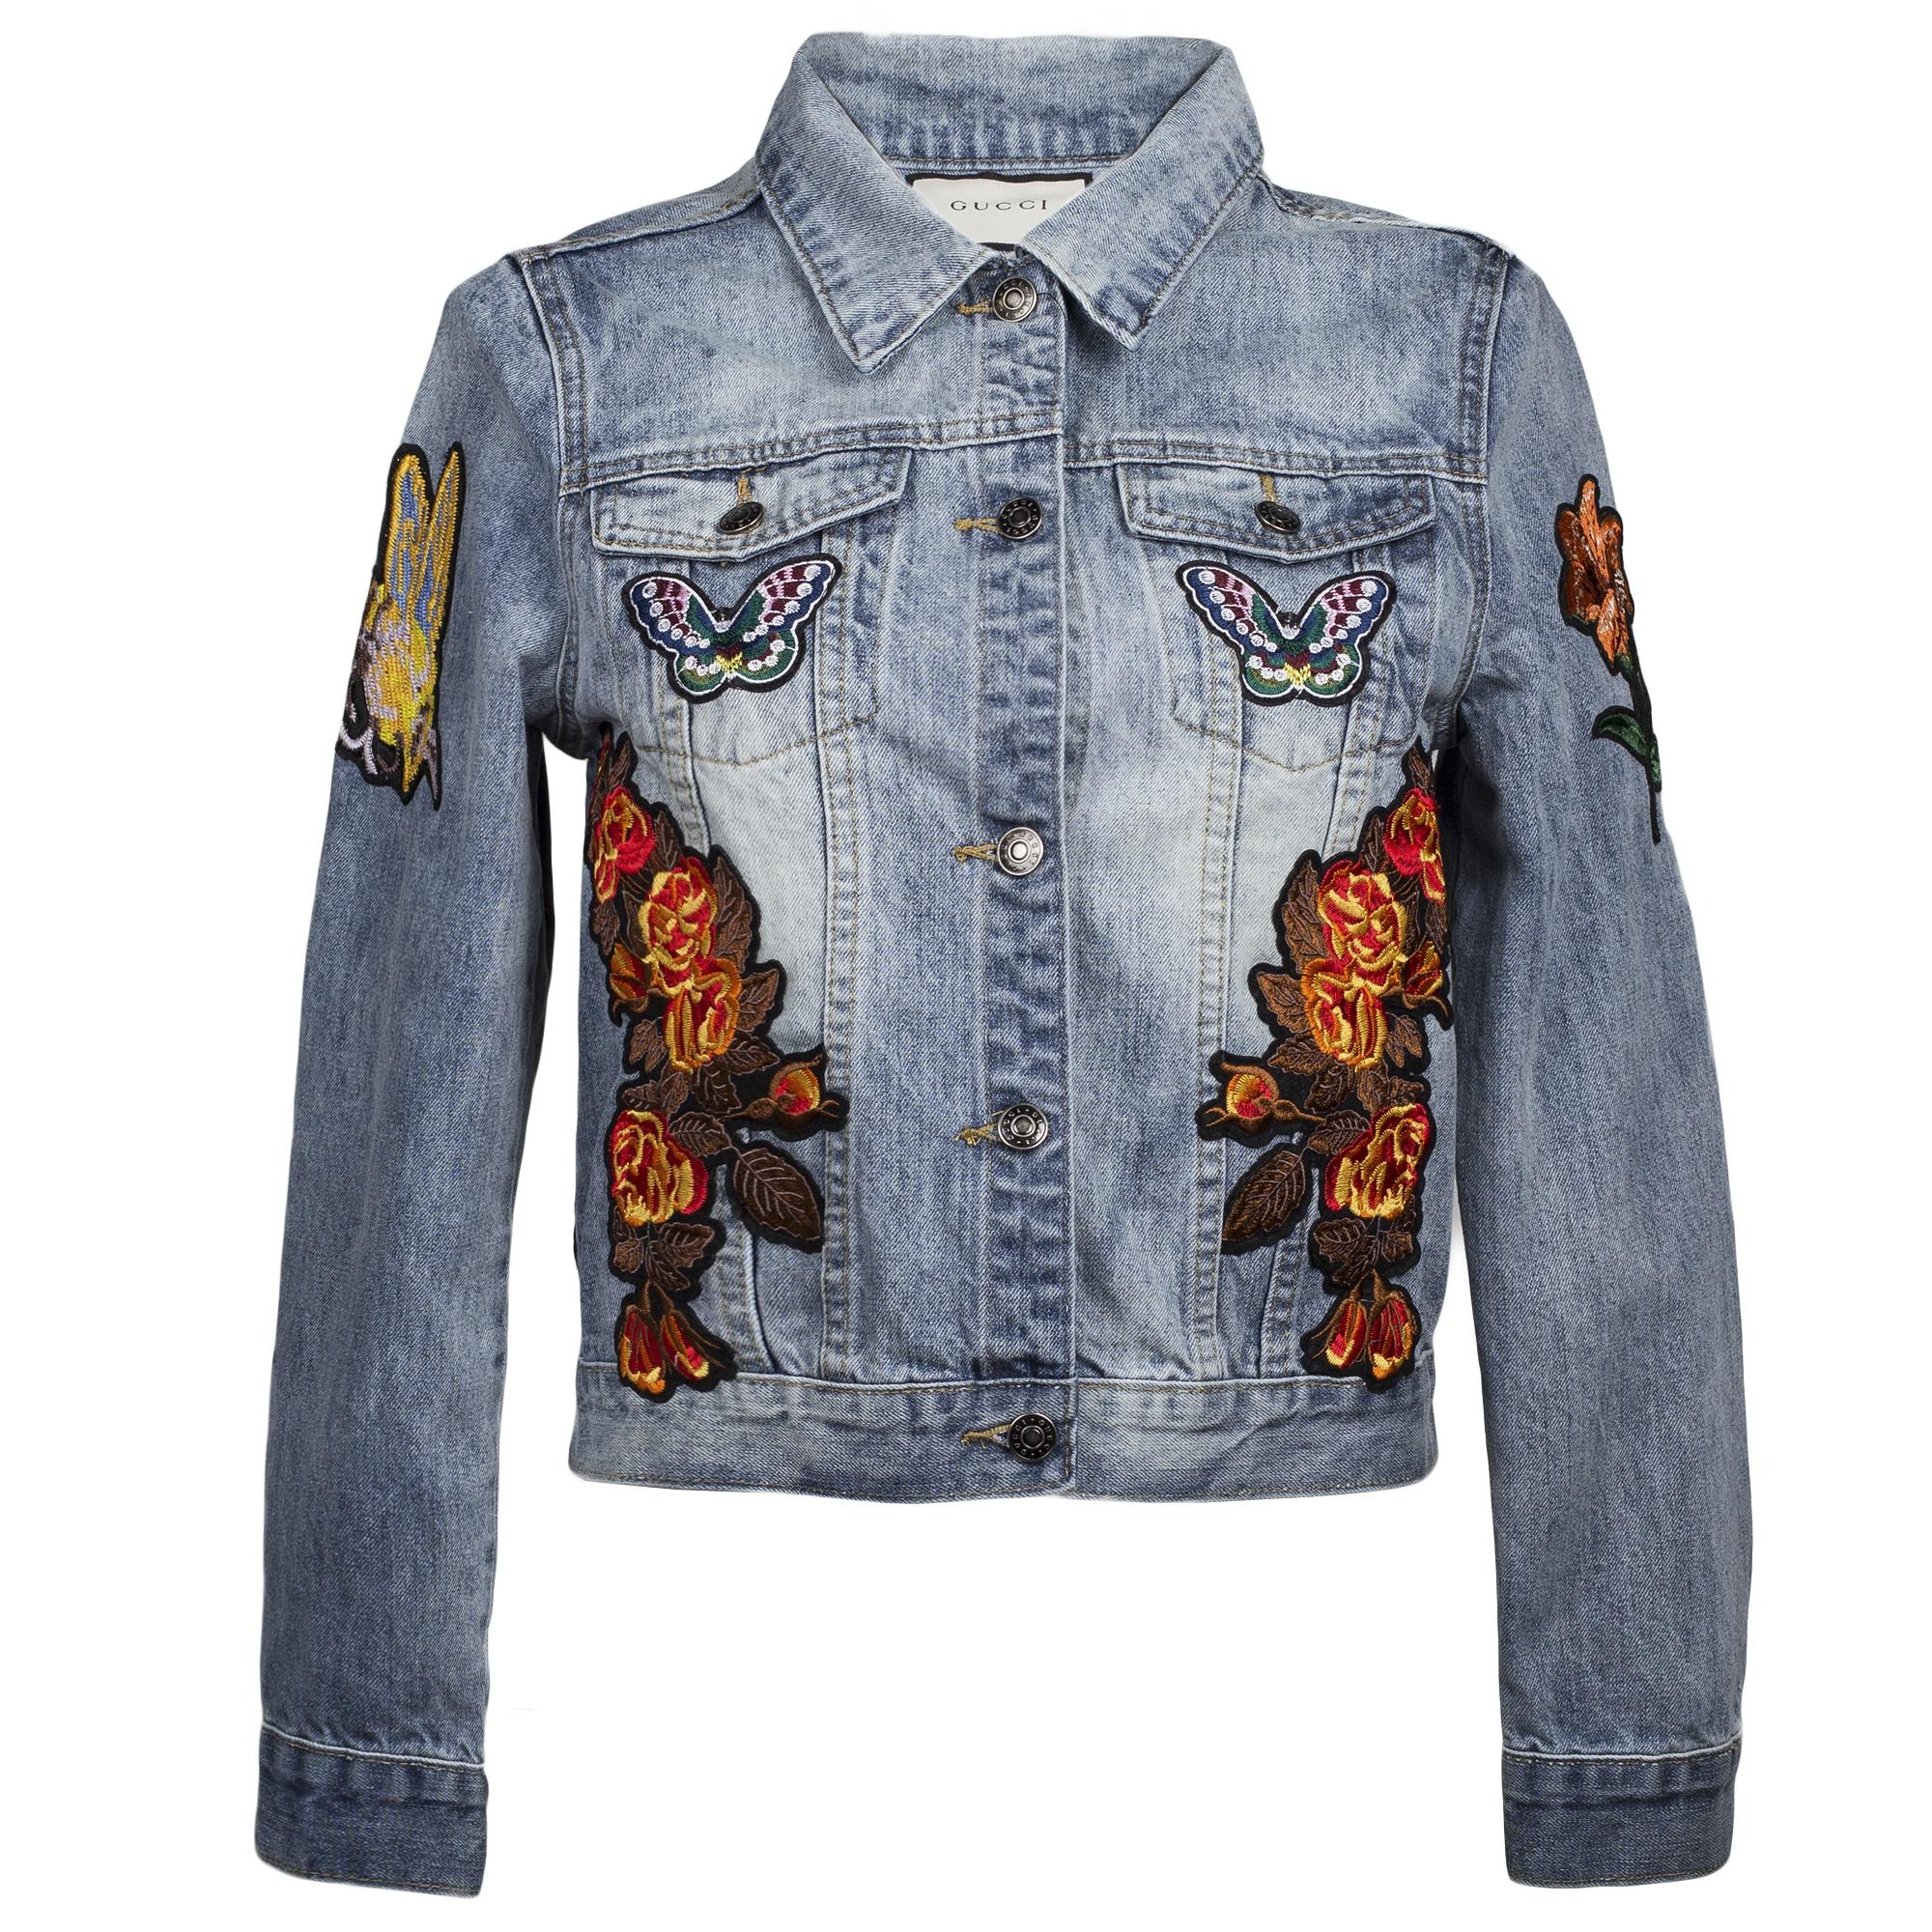 Джинсовая куртка Gucci с тигром на спине